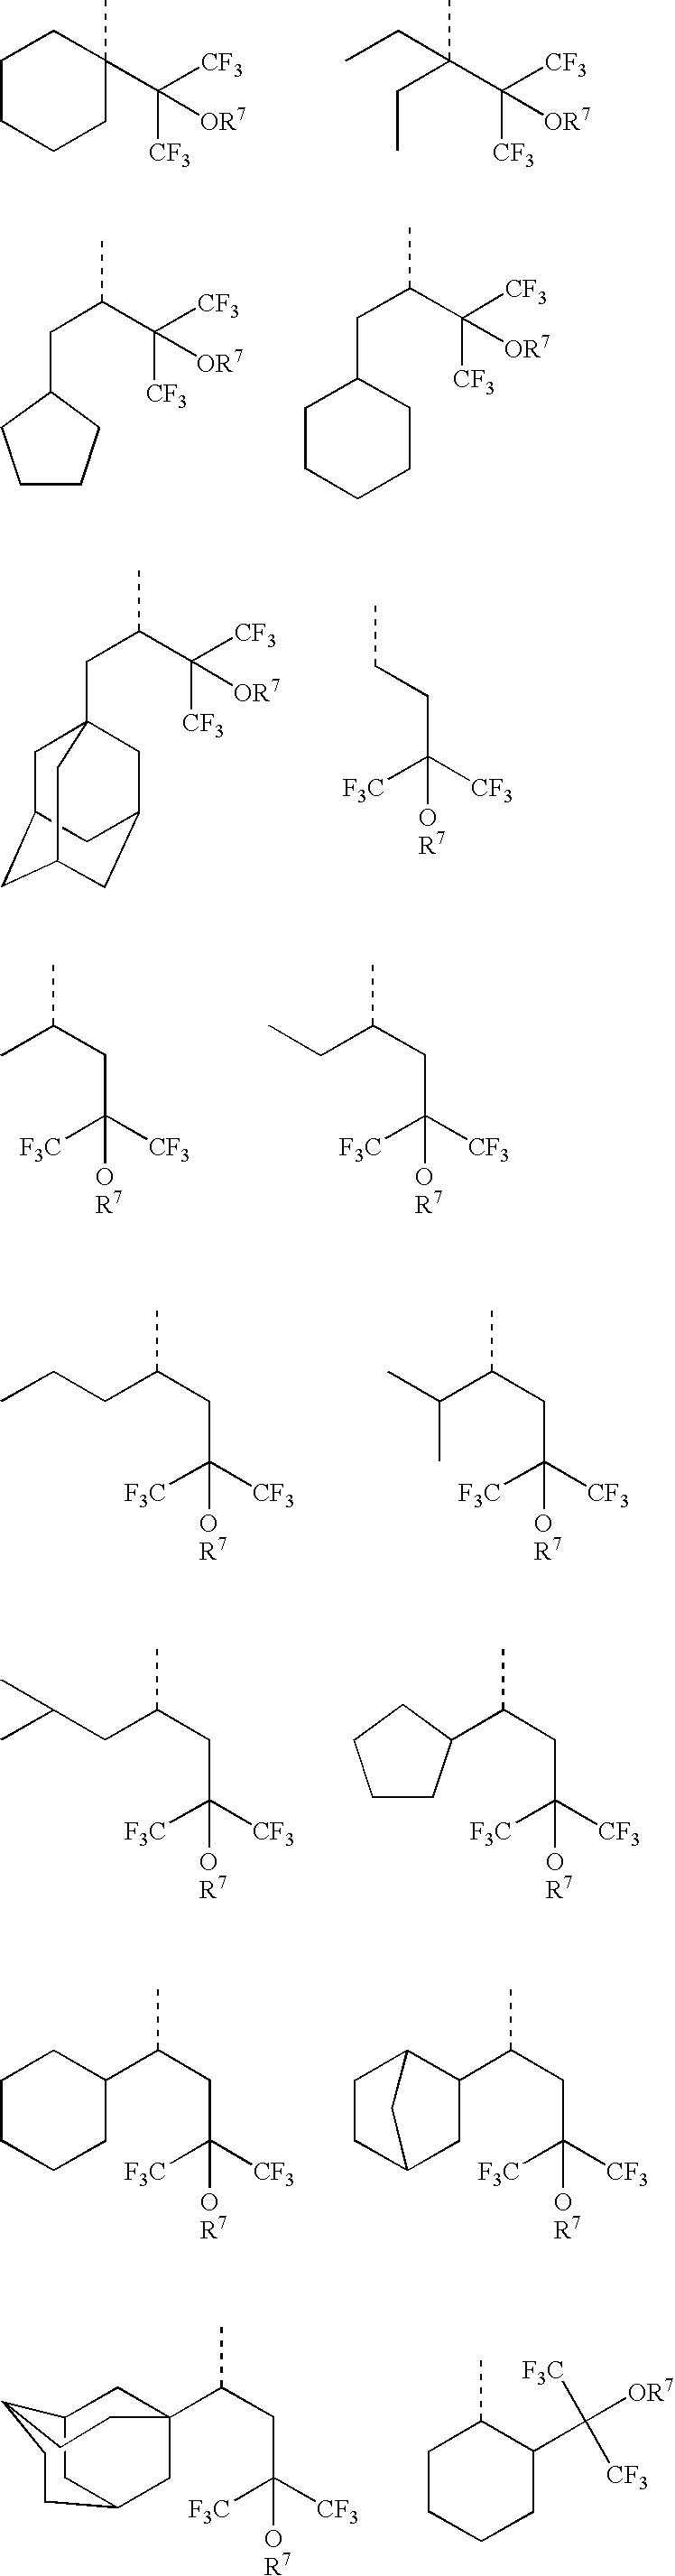 Figure US07537880-20090526-C00016